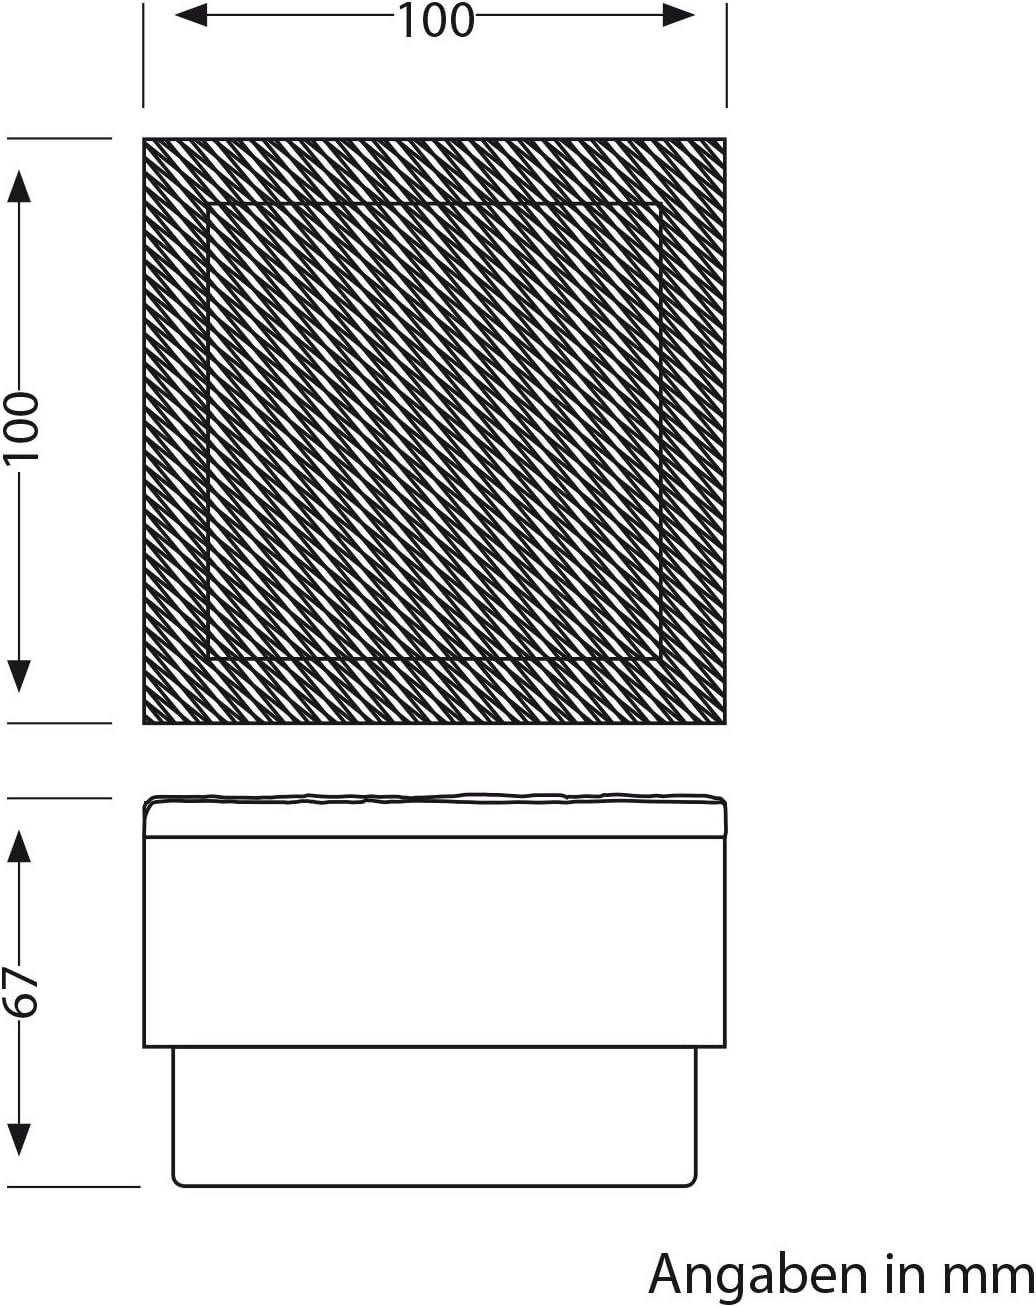 ledscom.de LED pavé Gorgon luminaire encastrable dans Le Sol pour l\'extérieur, 10x10cm, 12V, Blanche-Chaude Lot de 4 Individuel (Sans Ballast)